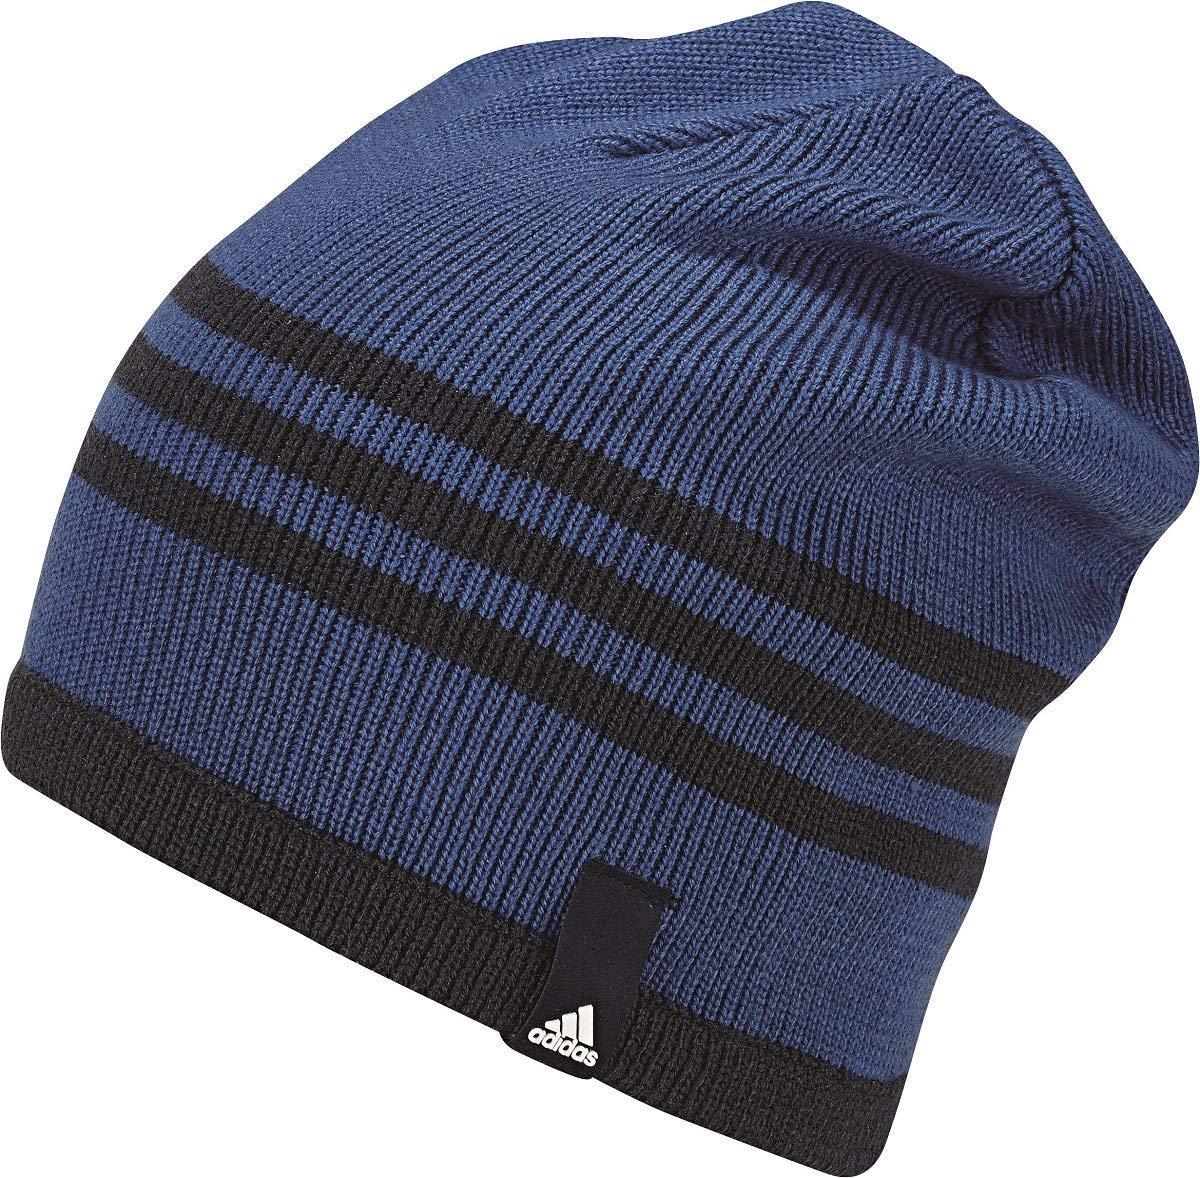 adidas Men's Tiro Beanie Blue/Collegiate Navy One Size BQ1659